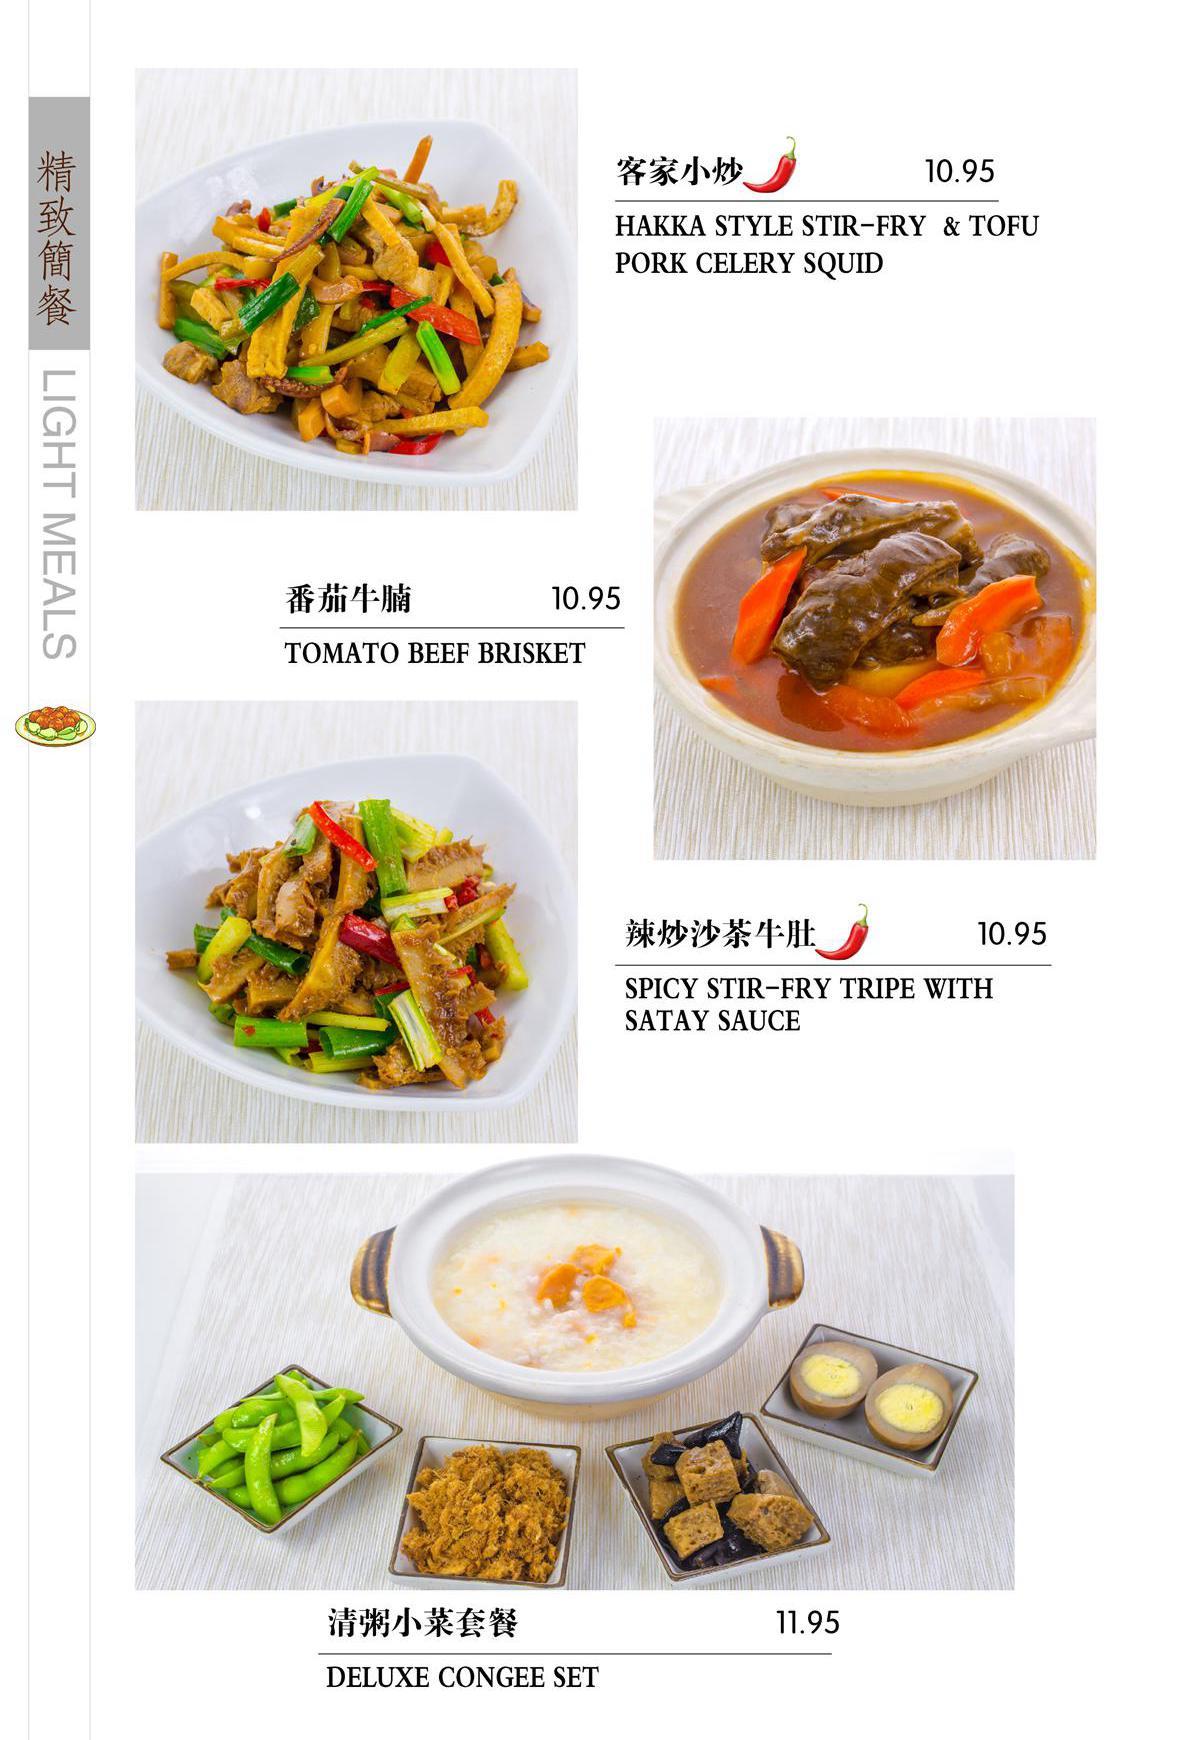 02-light_meals-5